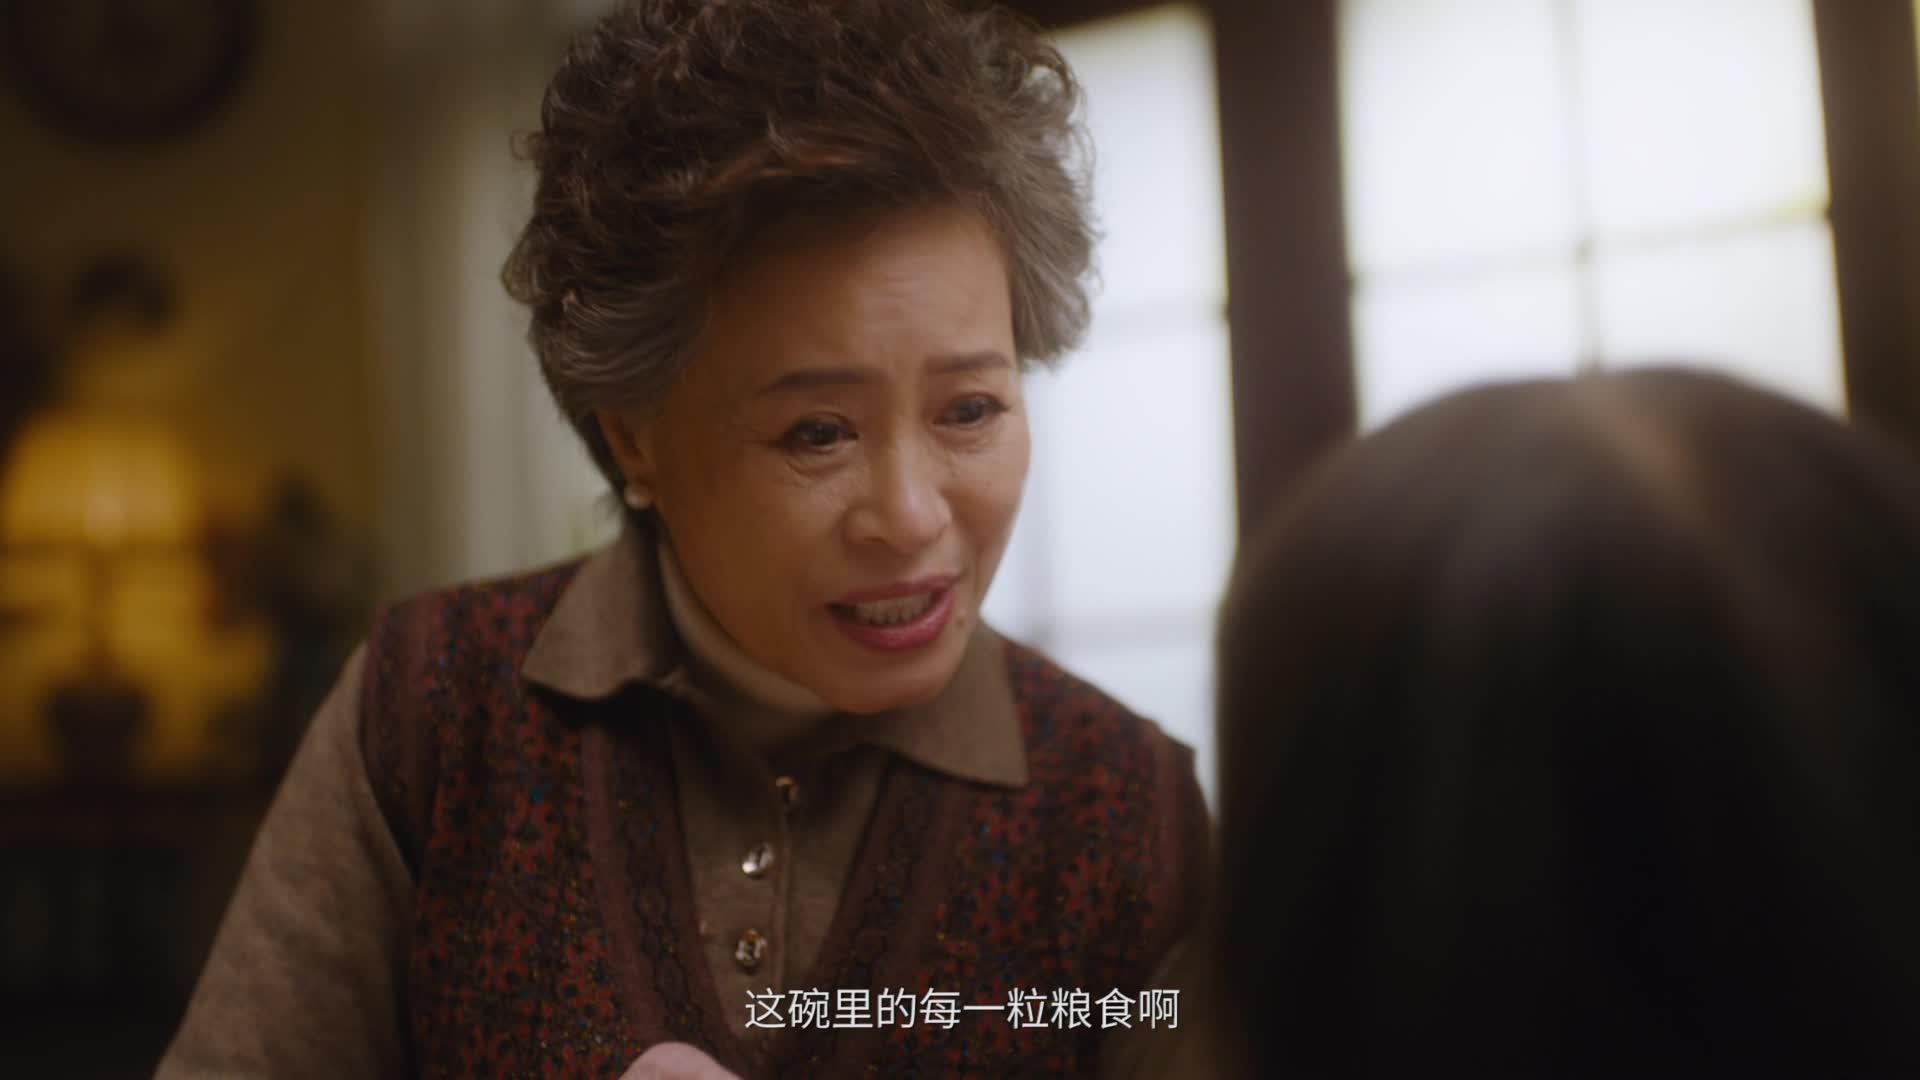 """""""浪费可耻、节约光荣""""主题公益广告 光盘篇"""